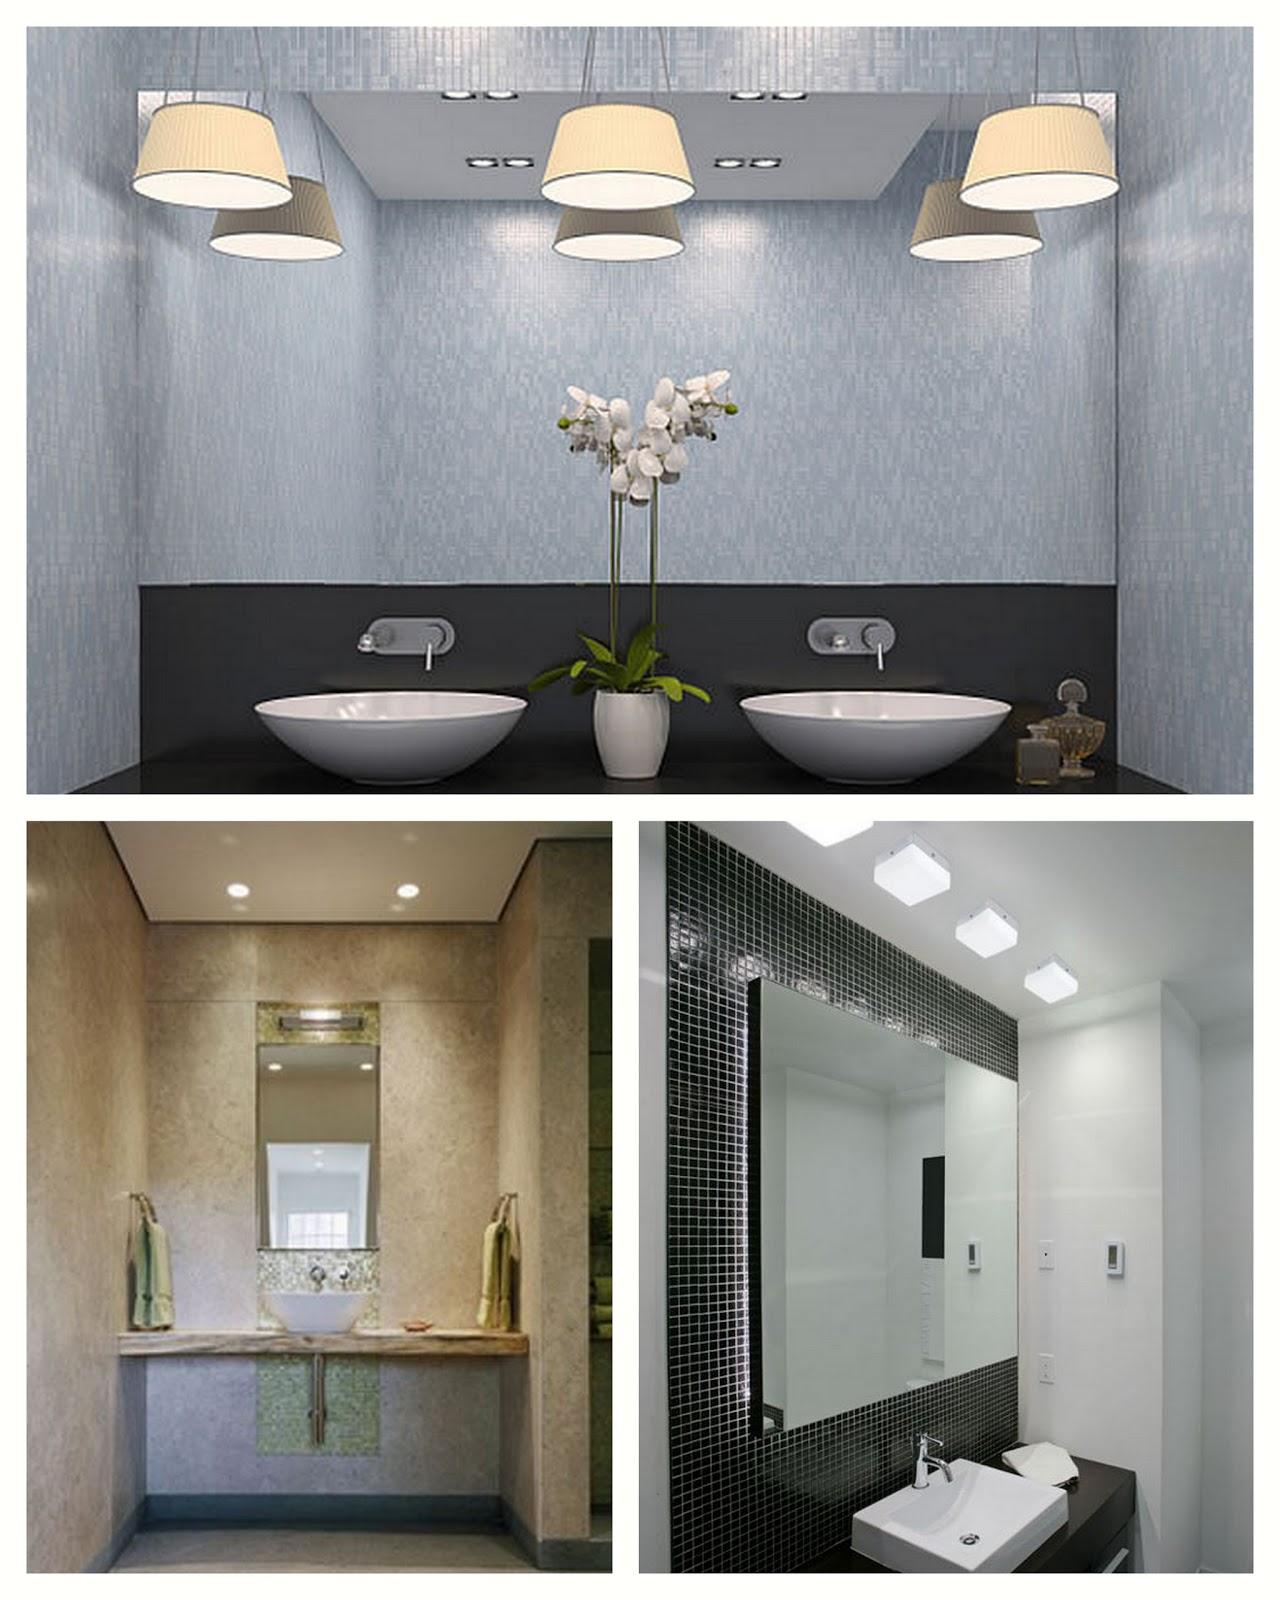 Reformando pra MoRar: Luminárias para espelho de banheiro #5F4F37 1280 1600